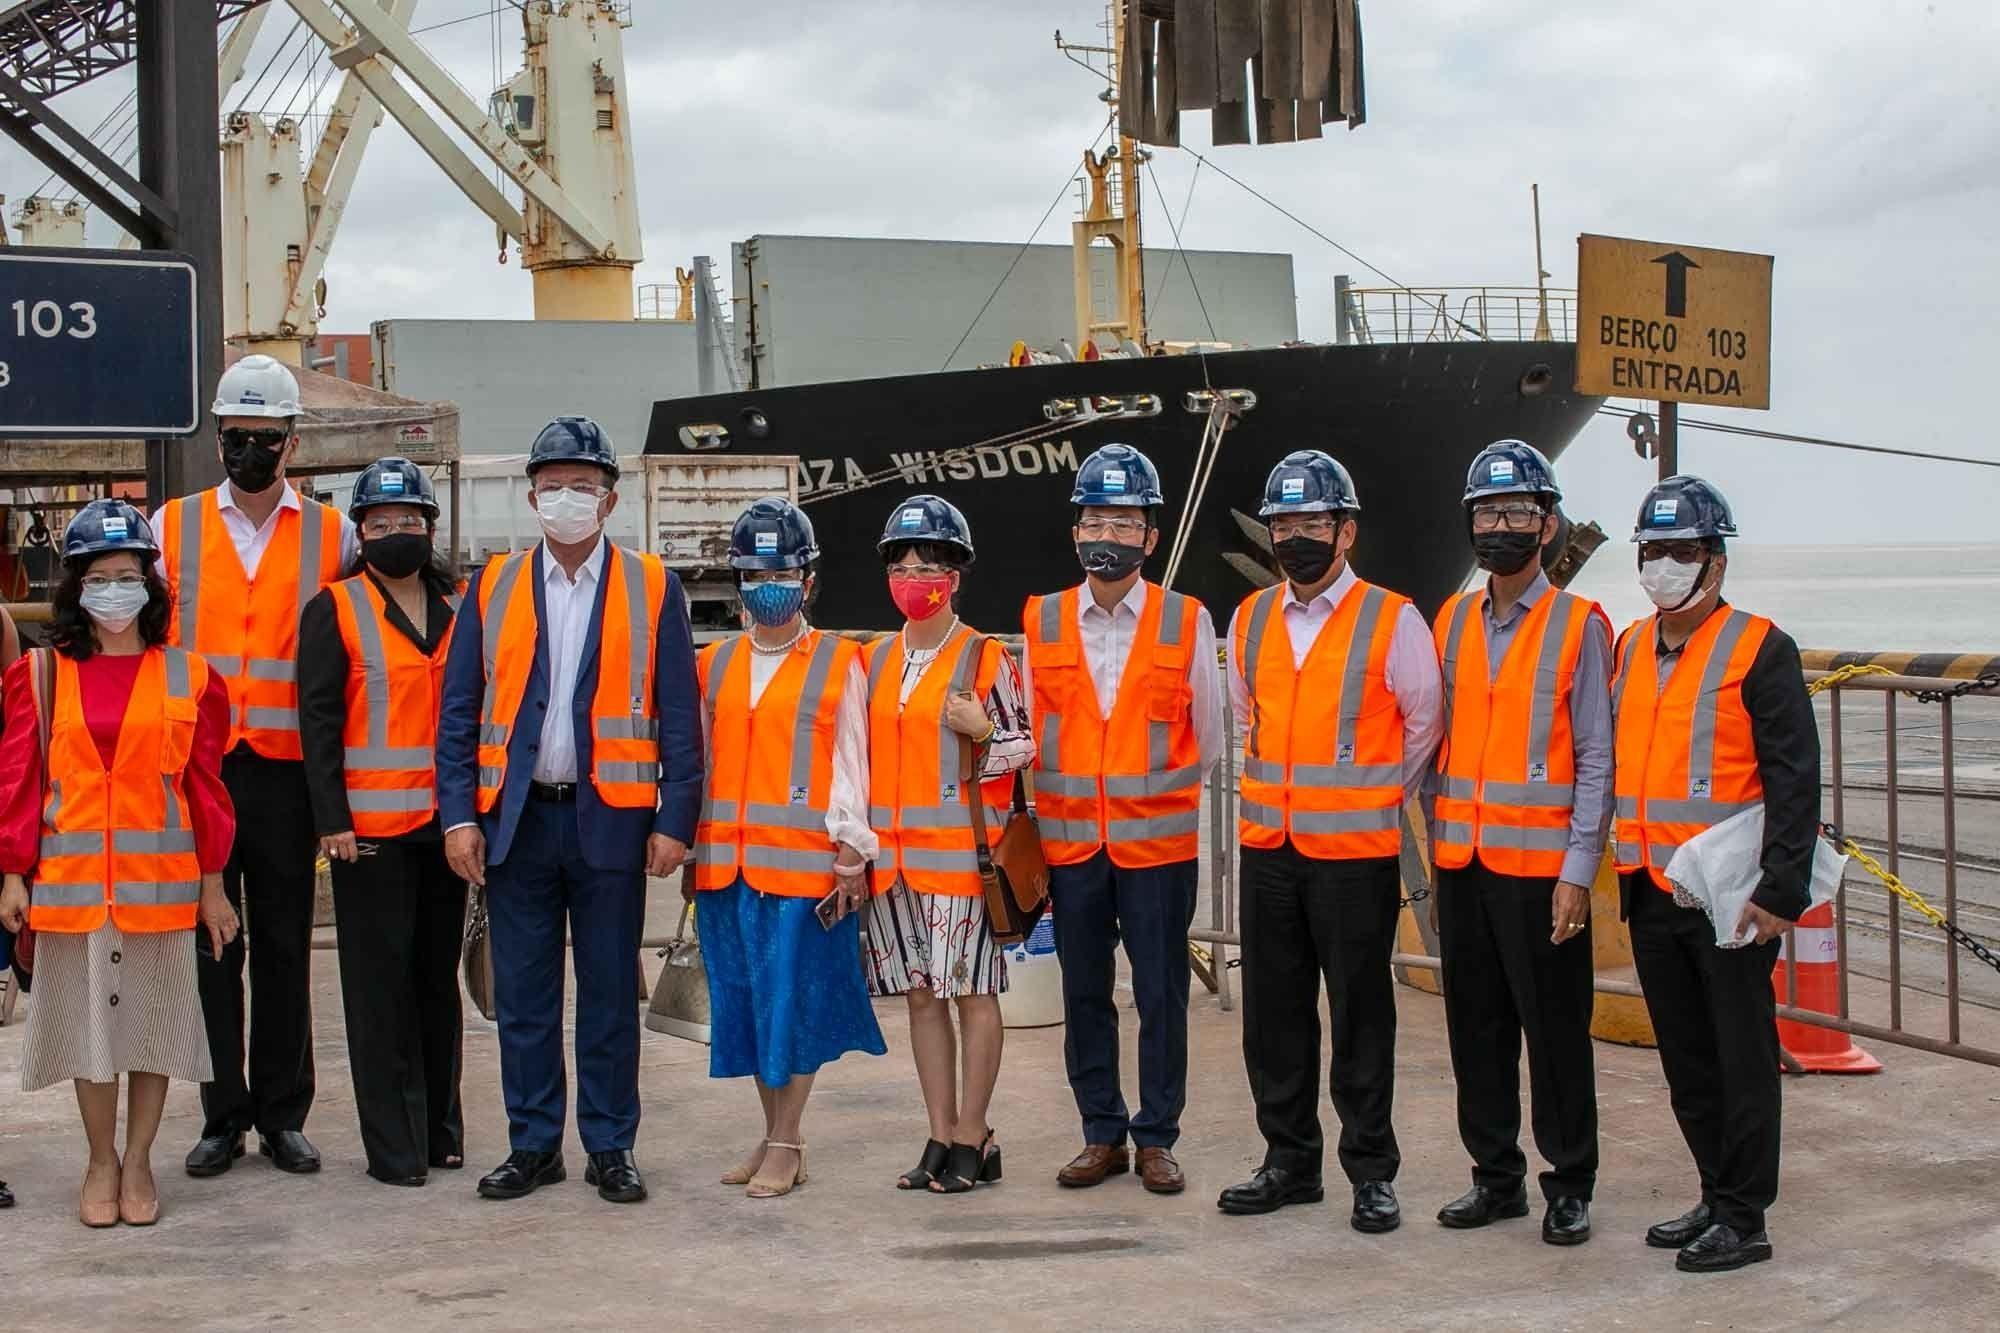 Embaixadores do Sudeste Asiático visitam o Porto do Itaqui